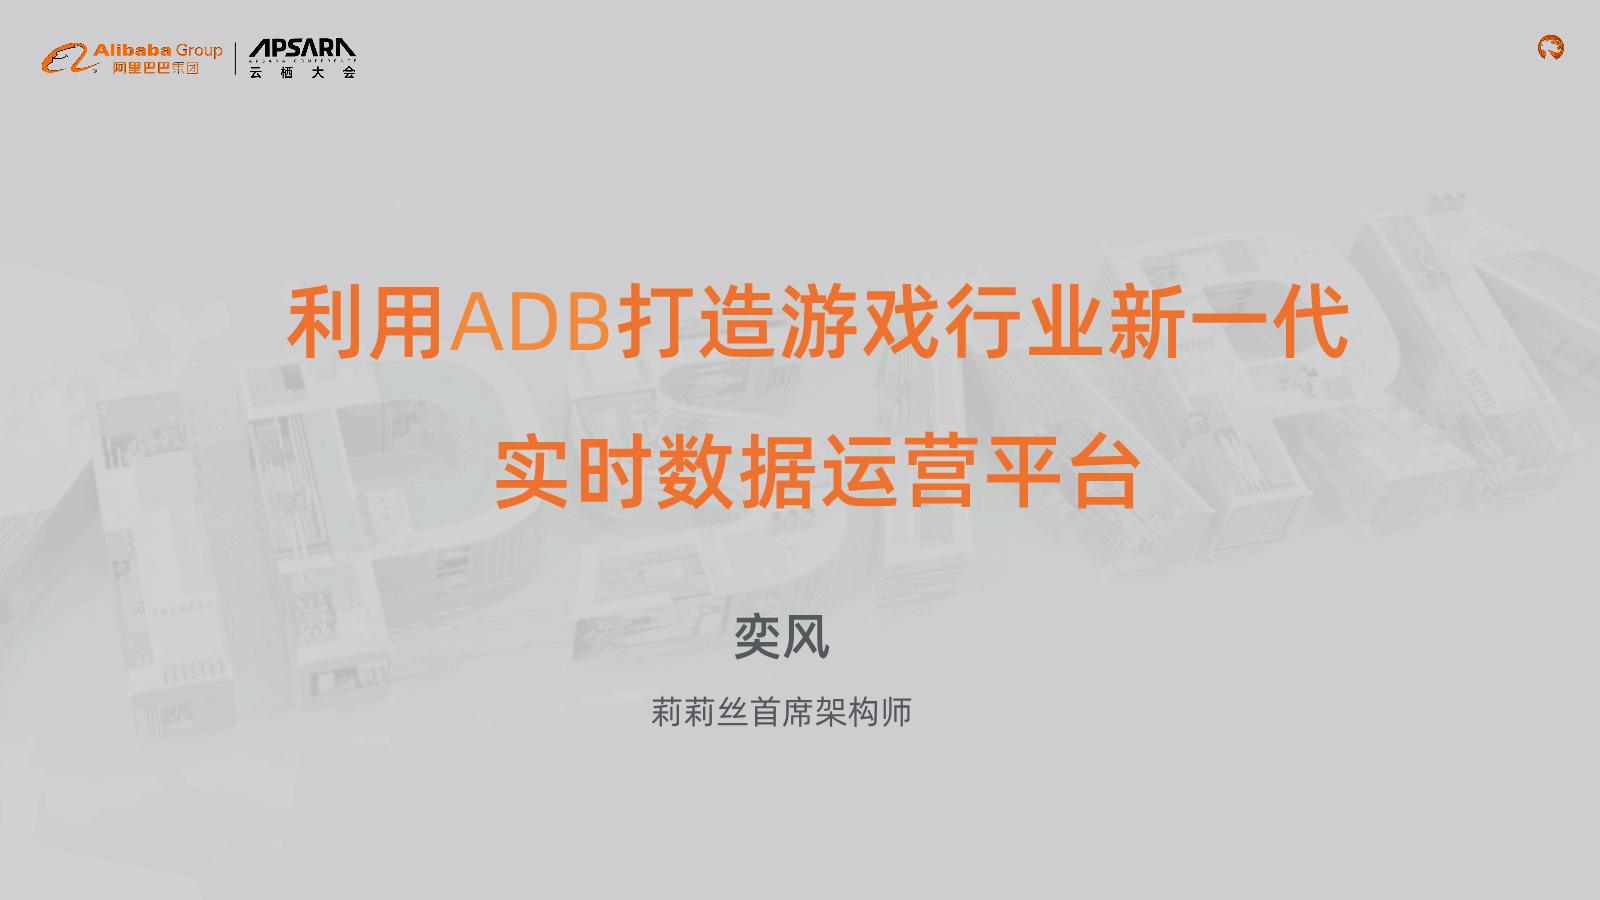 奕风-利用ADB打造游戏行业新一代实时数据运营平台